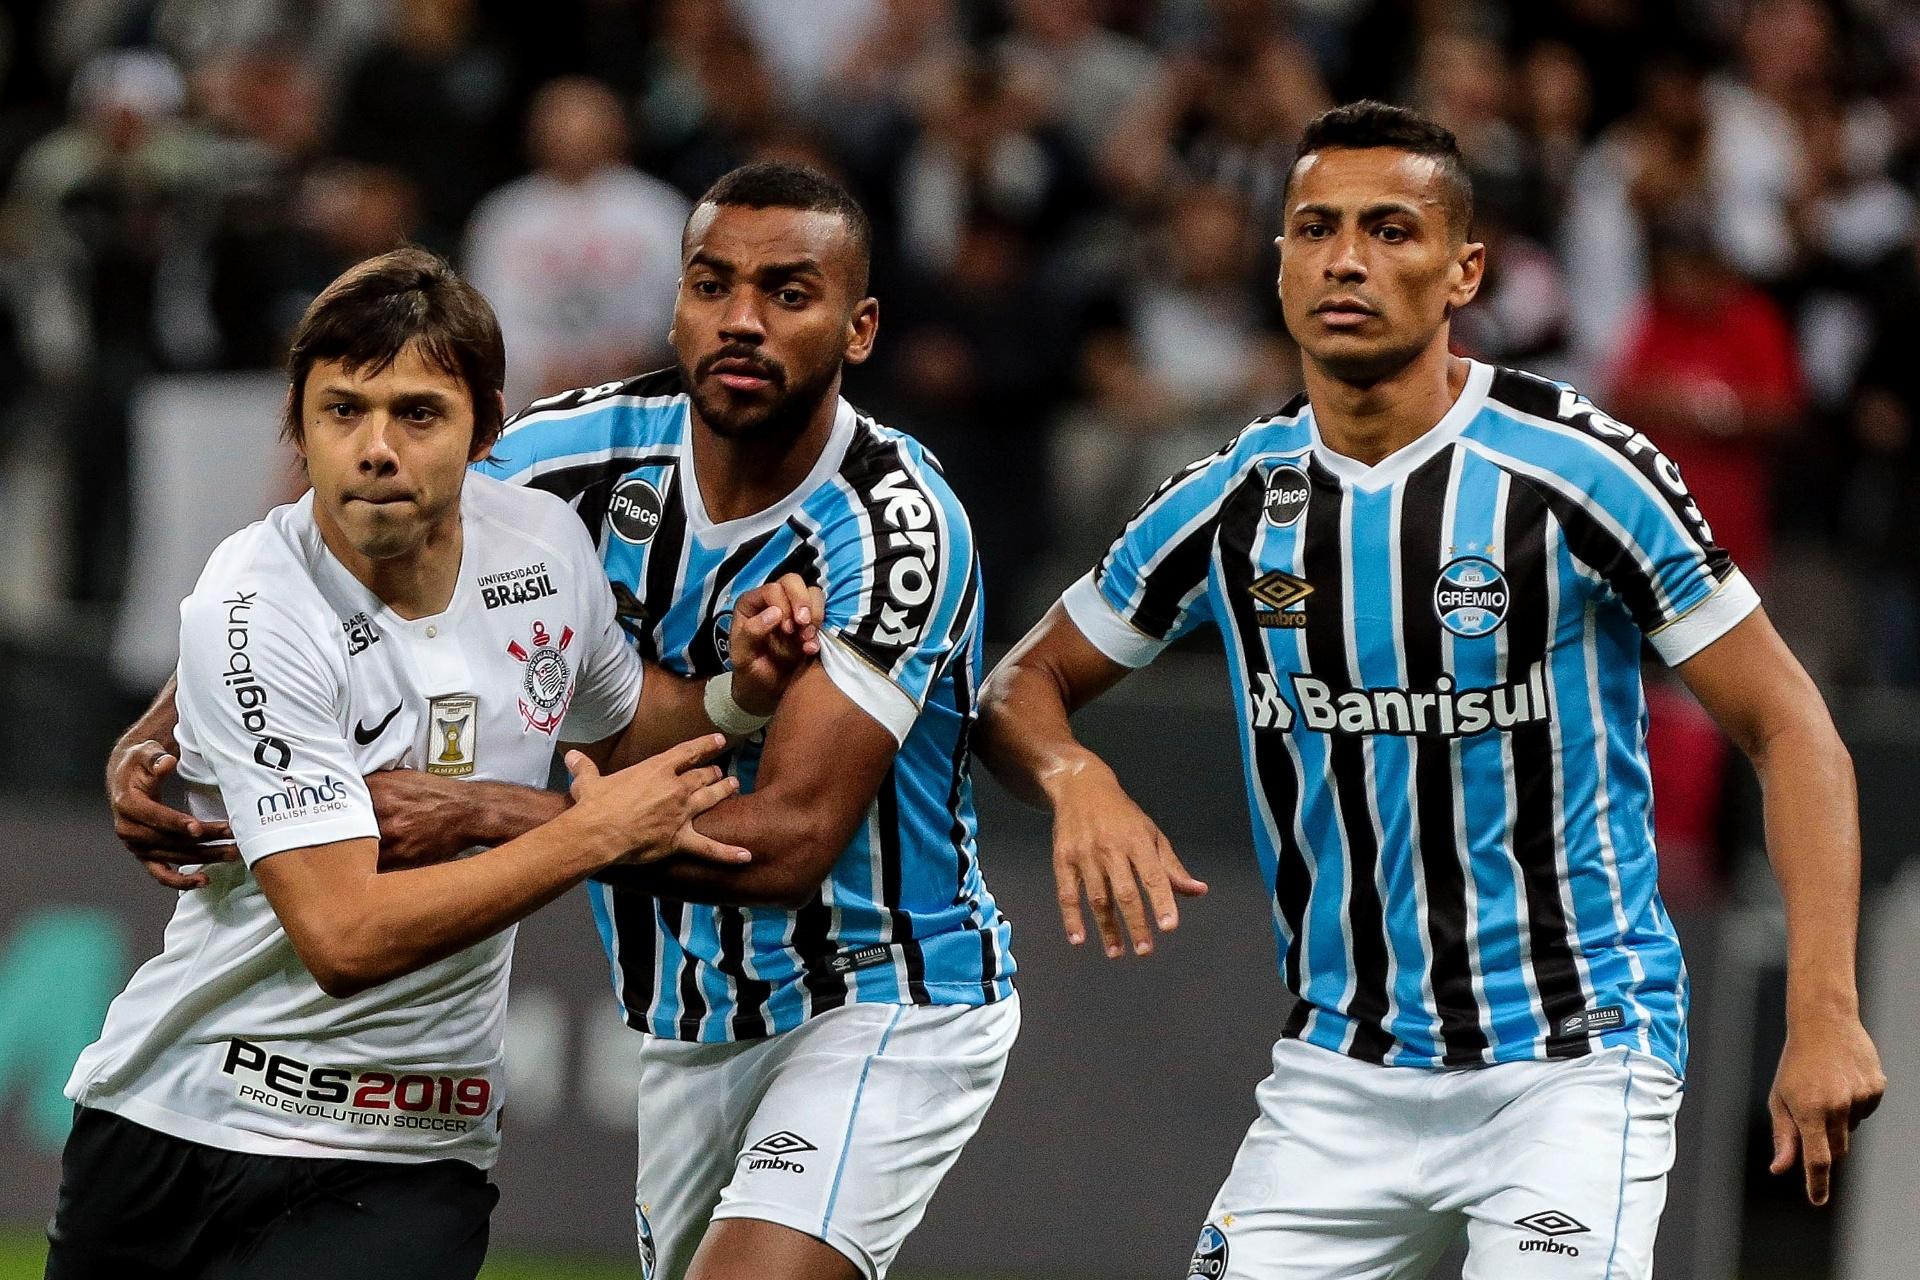 Corinthians pega Grêmio para evitar seu pior returno desde o rebaixamento -  02 12 2018 - UOL Esporte 171e24cd48340